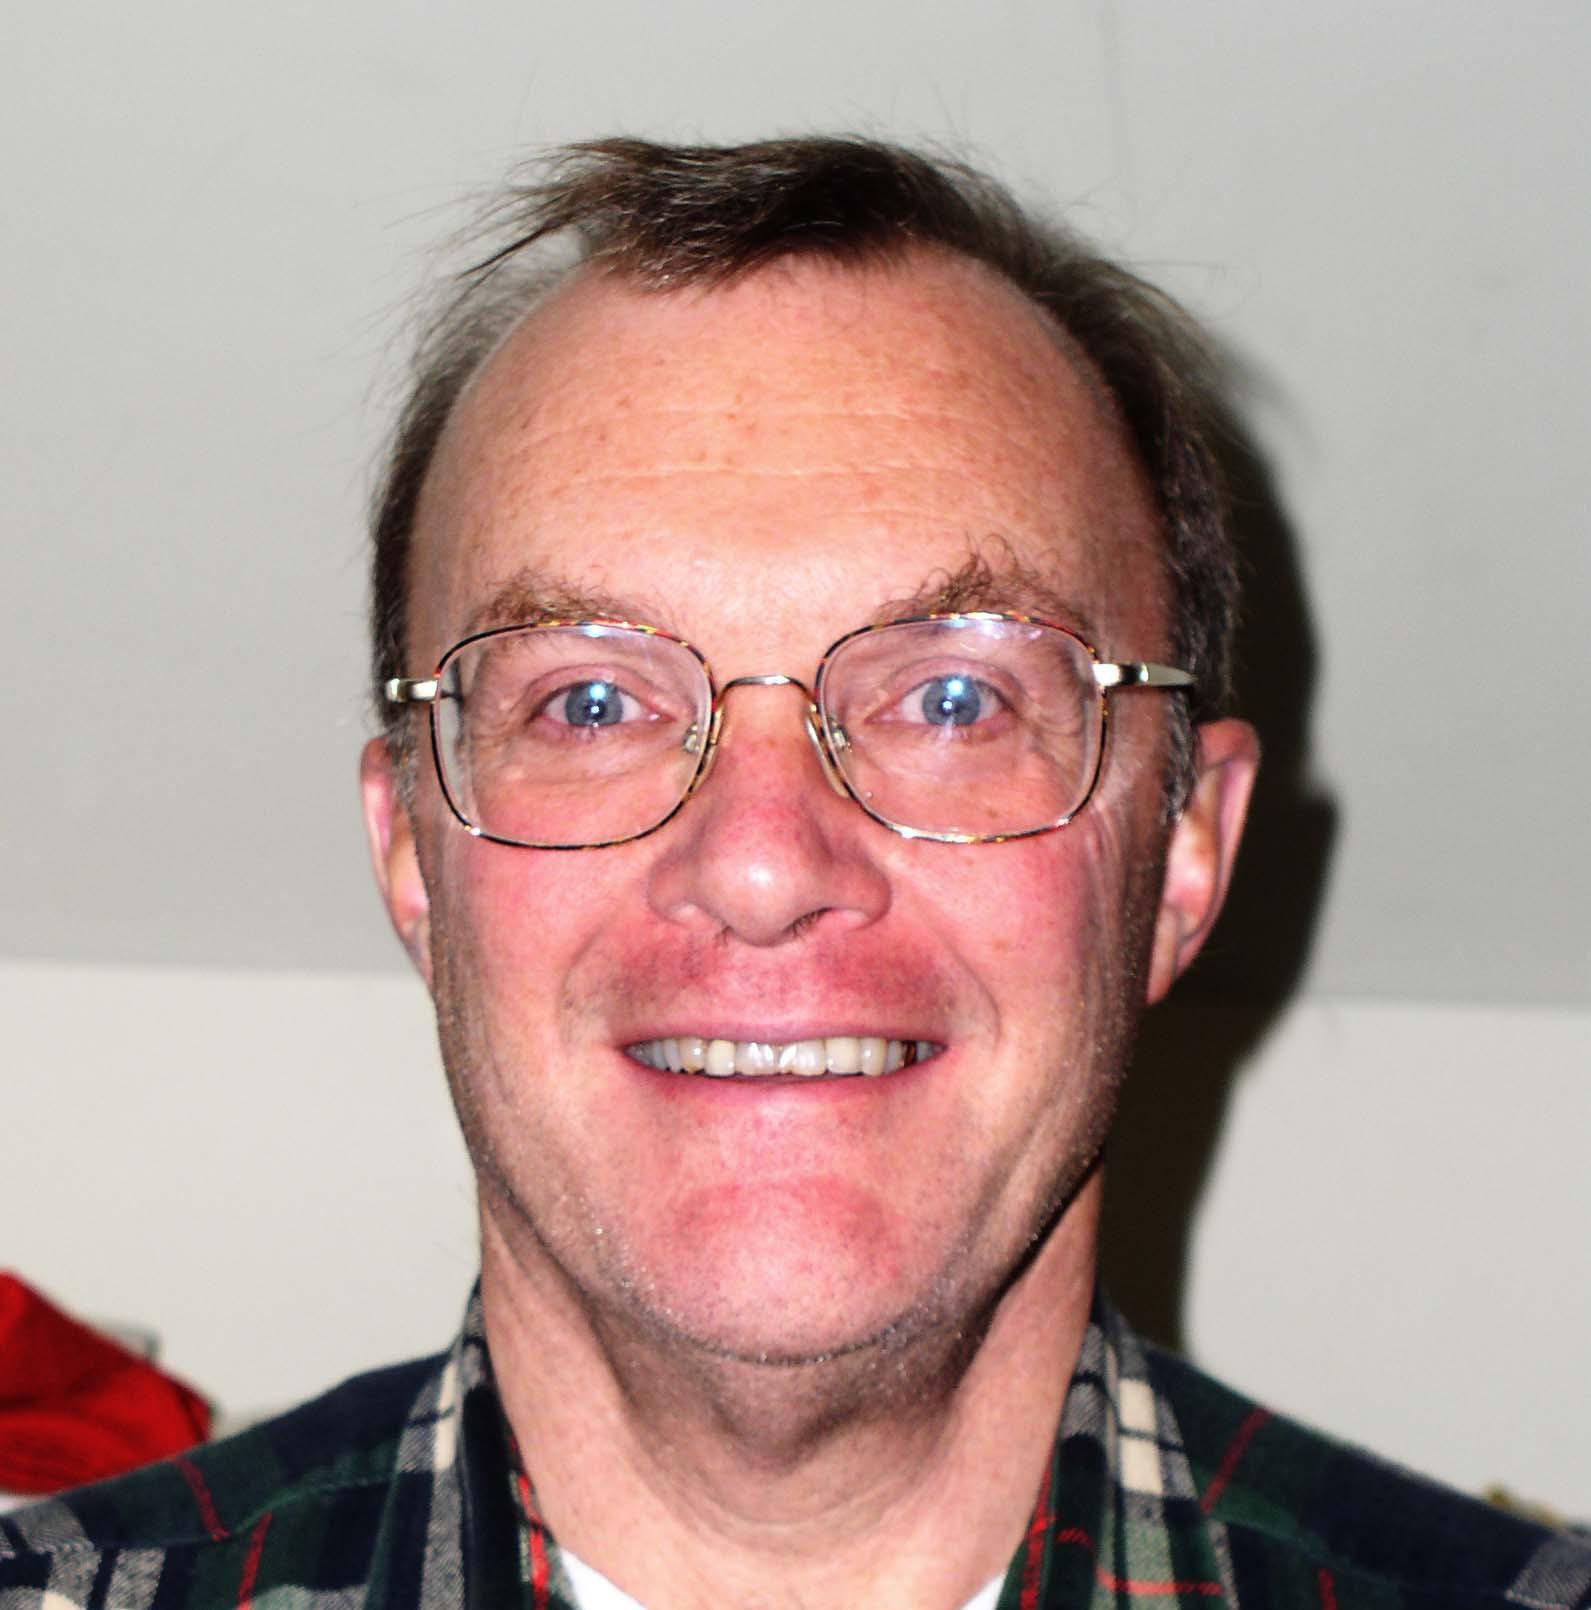 Fred Shearer in 2003